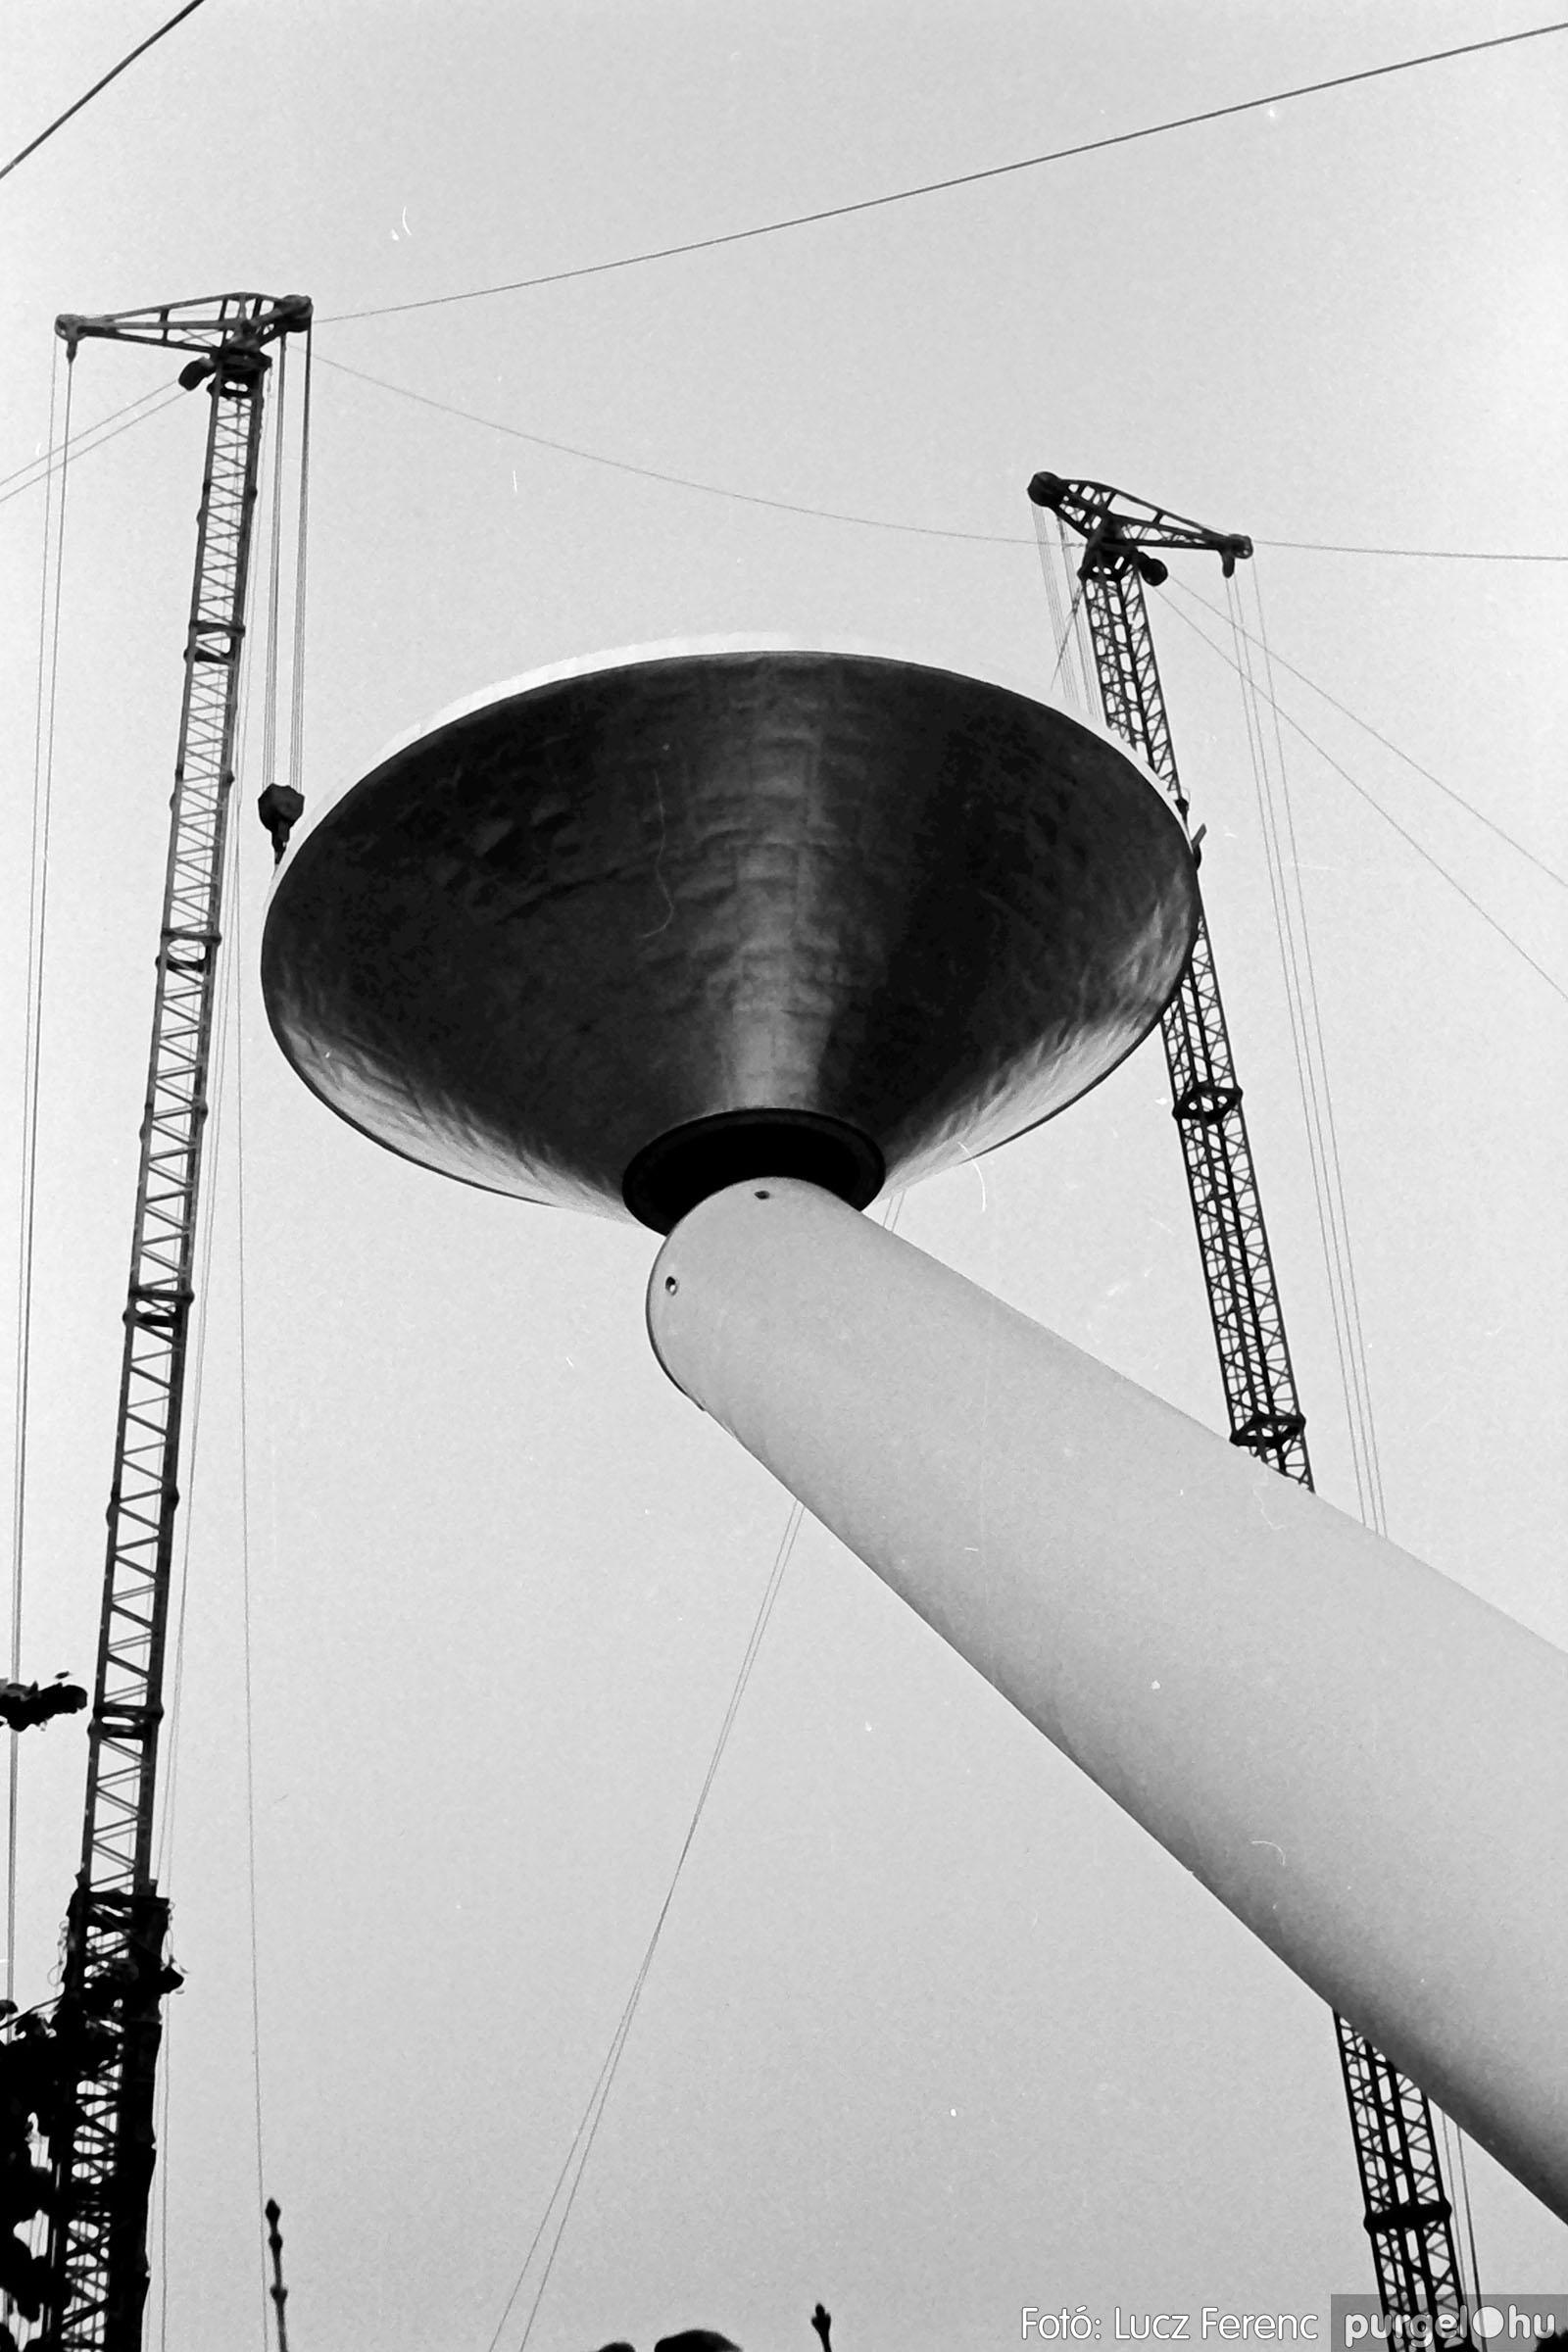 122A. 1978. Épül a víztorony 027. - Fotó: Lucz Ferenc.jpg